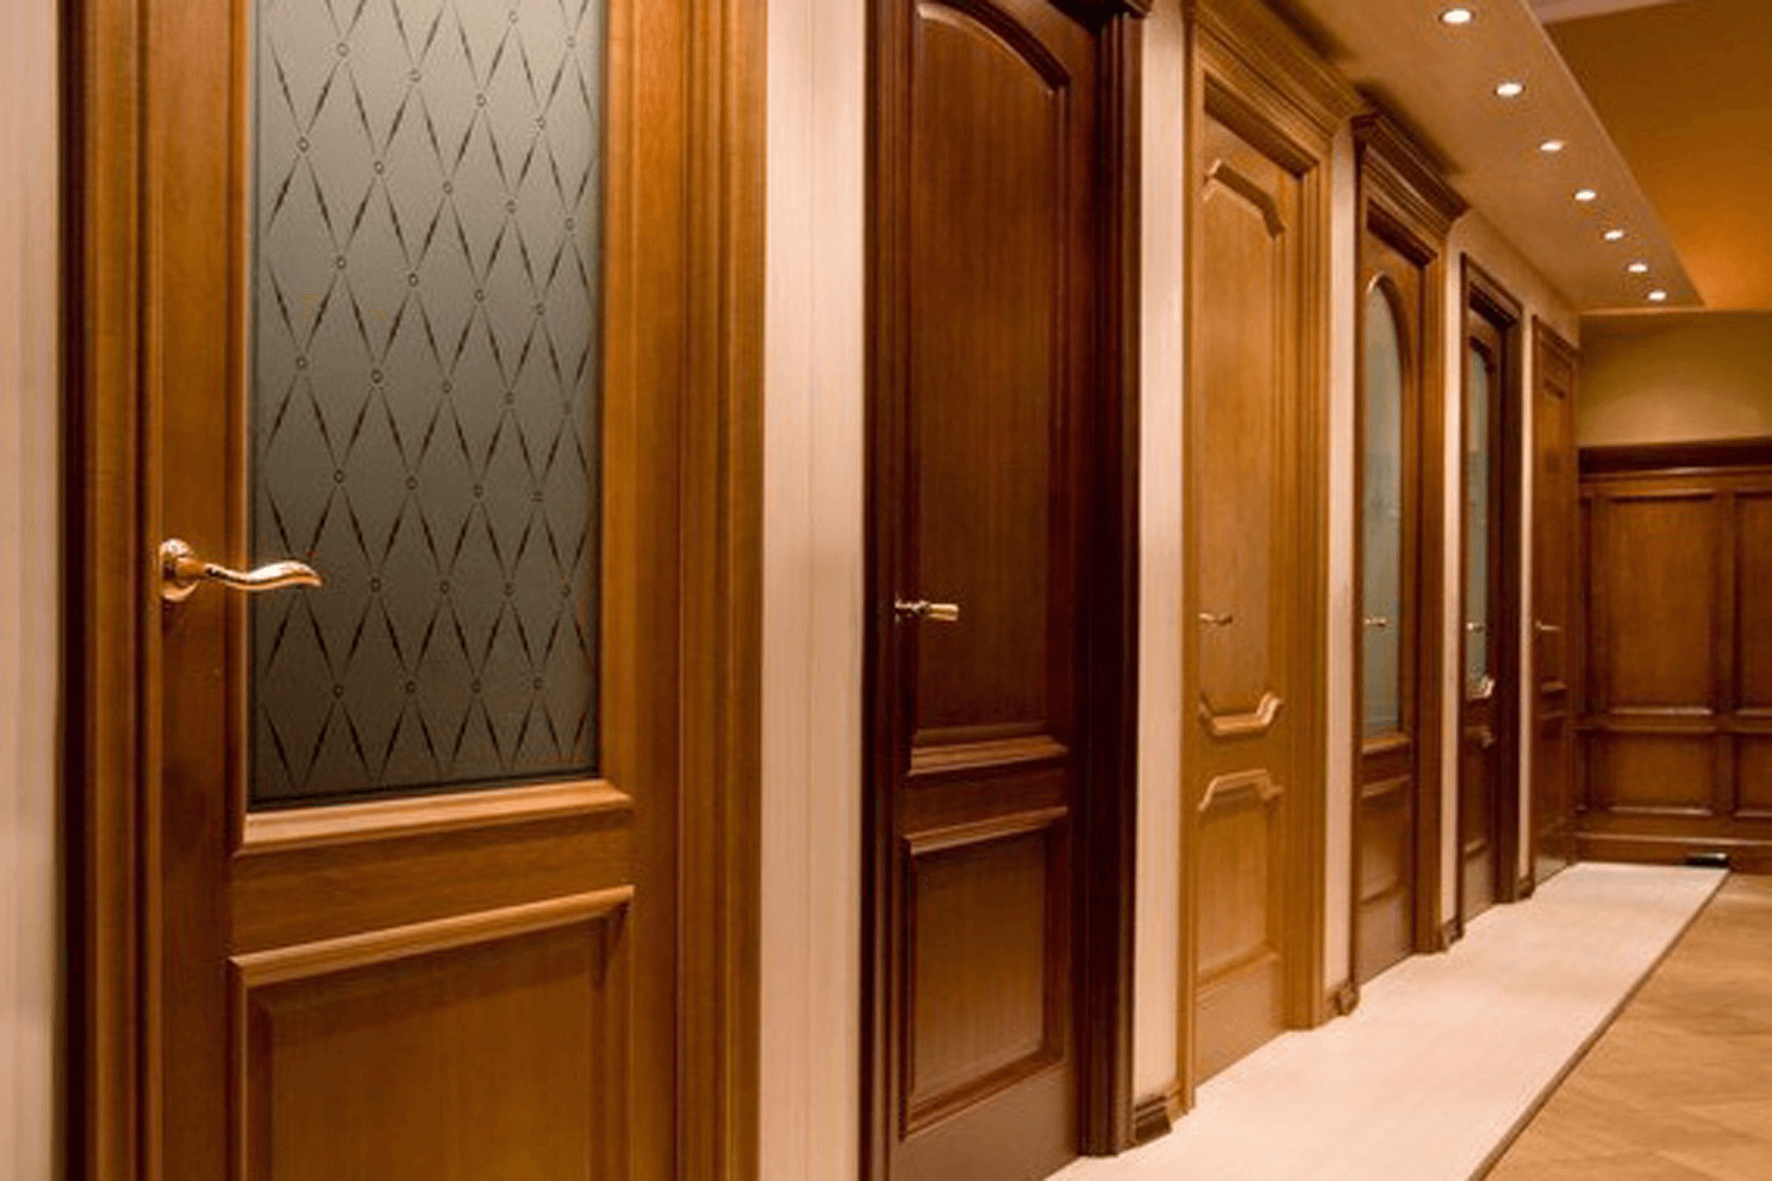 Преимущества межкомнатных дверей с шумоизоляцией